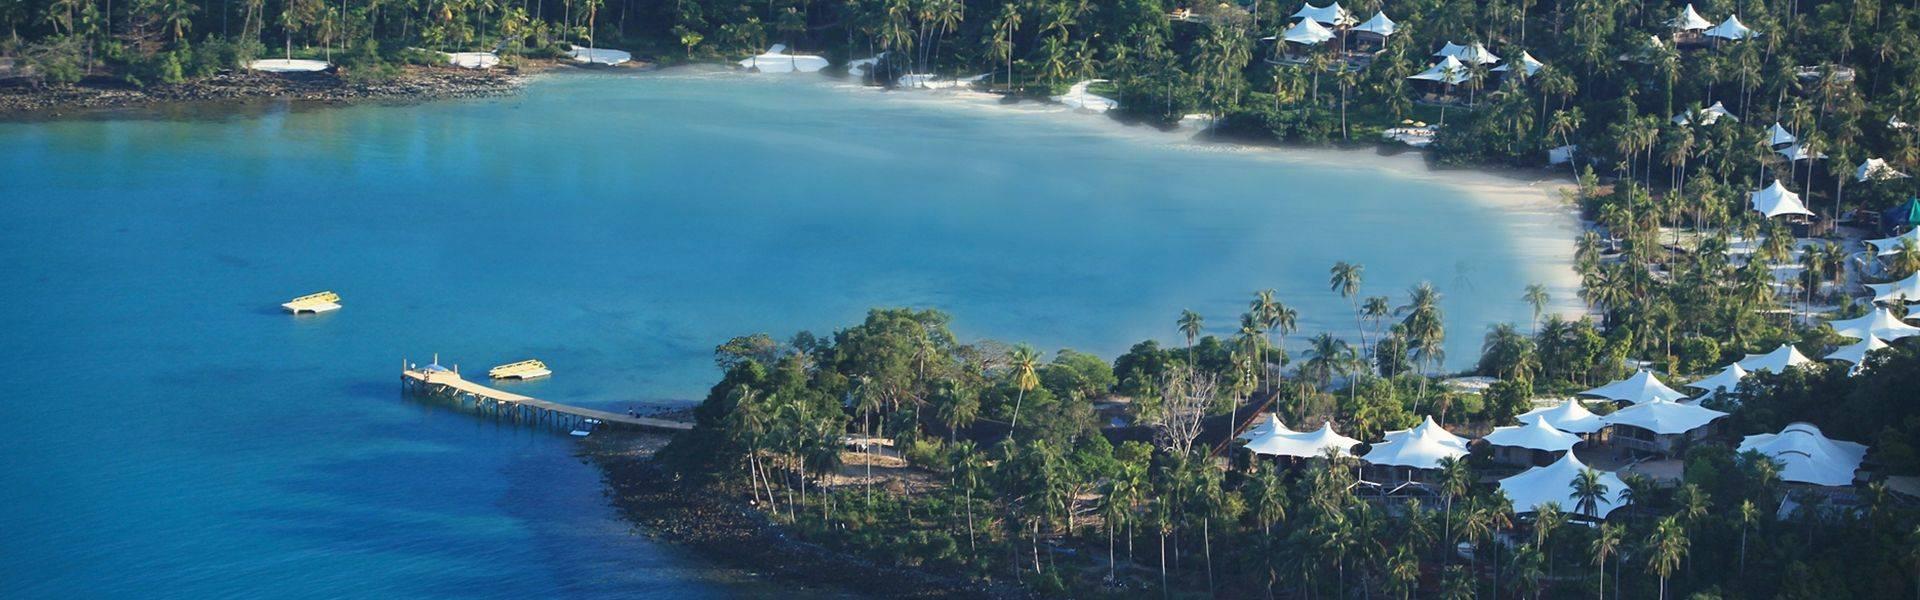 Soneva-kiri-Aerial-View.jpg